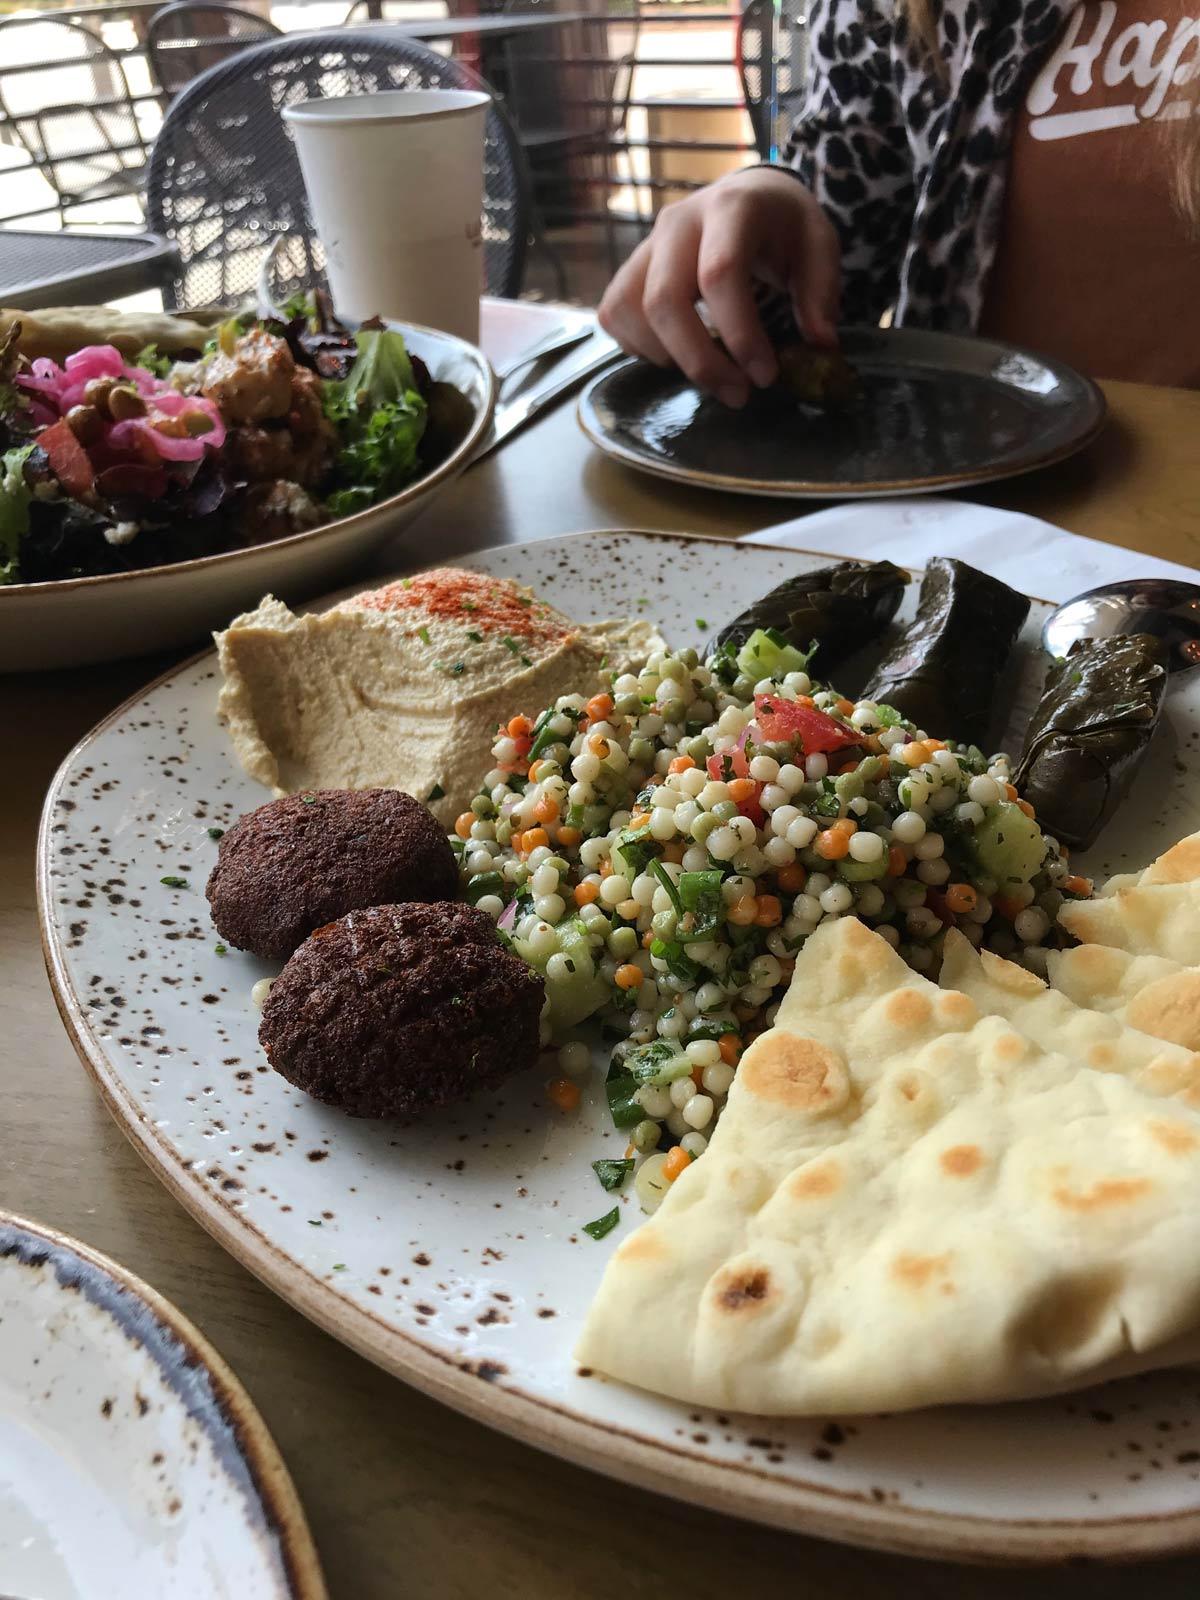 sampler appetizer platter at Luna Grill with salad in background.